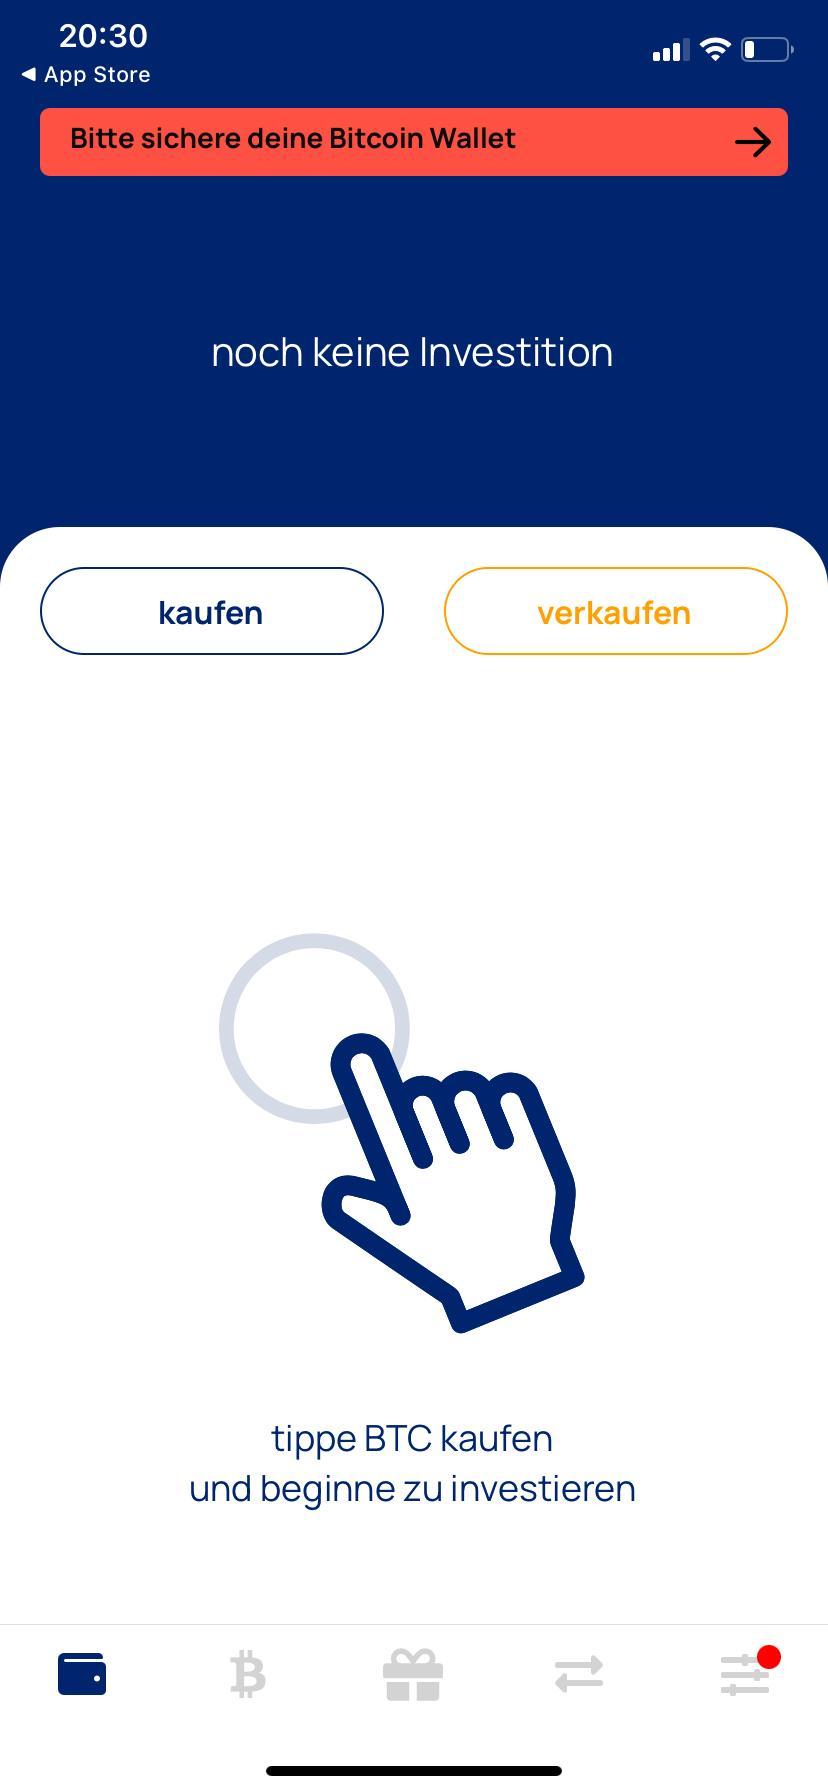 Relai App